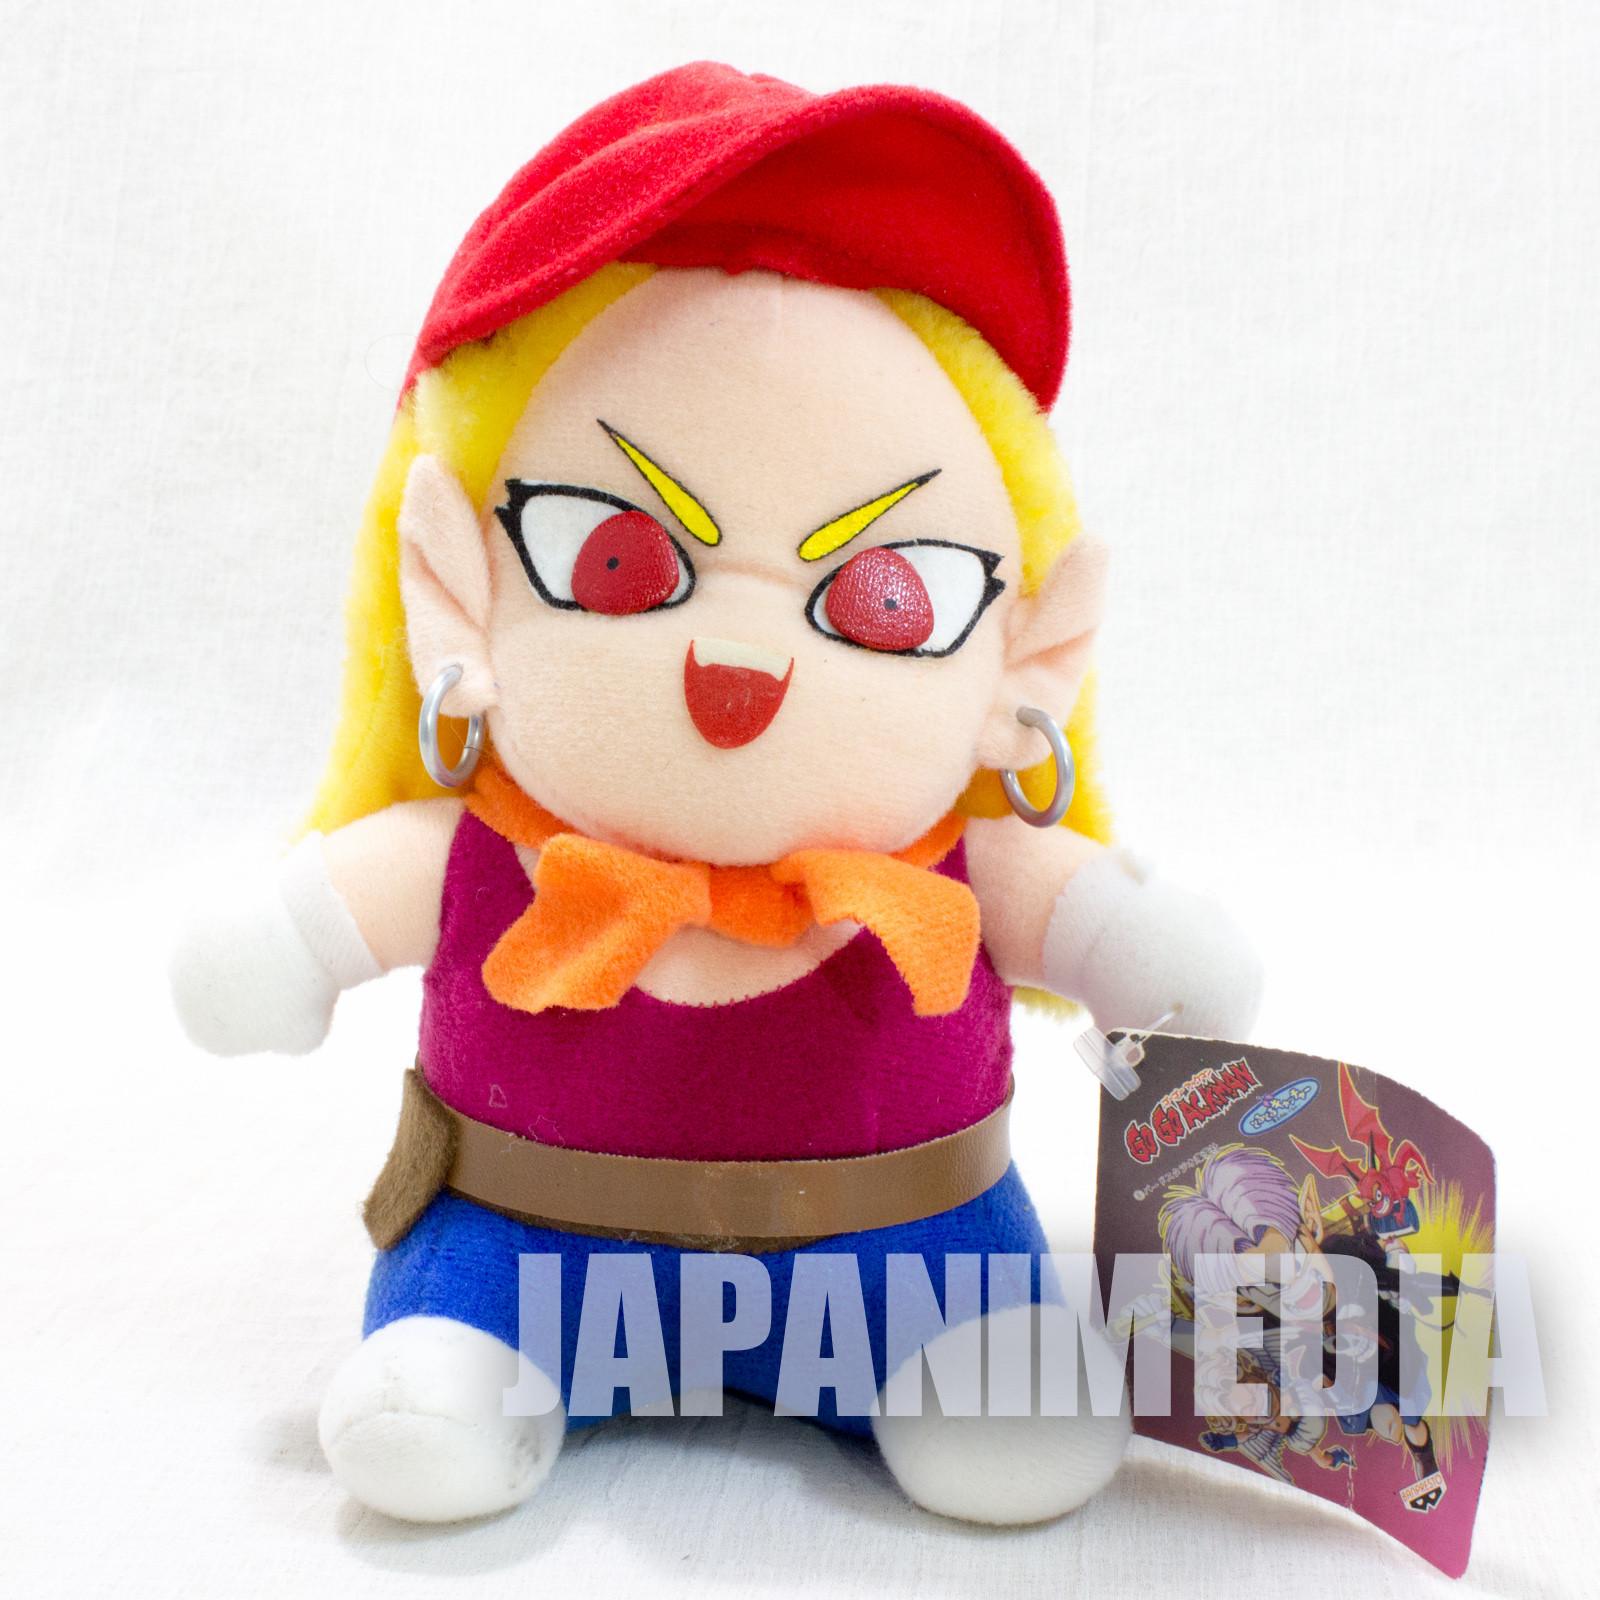 Go! Go! Ackman MAJO Plush Doll V-JUMP Toriyama Akira JAPAN ANIME MANGA